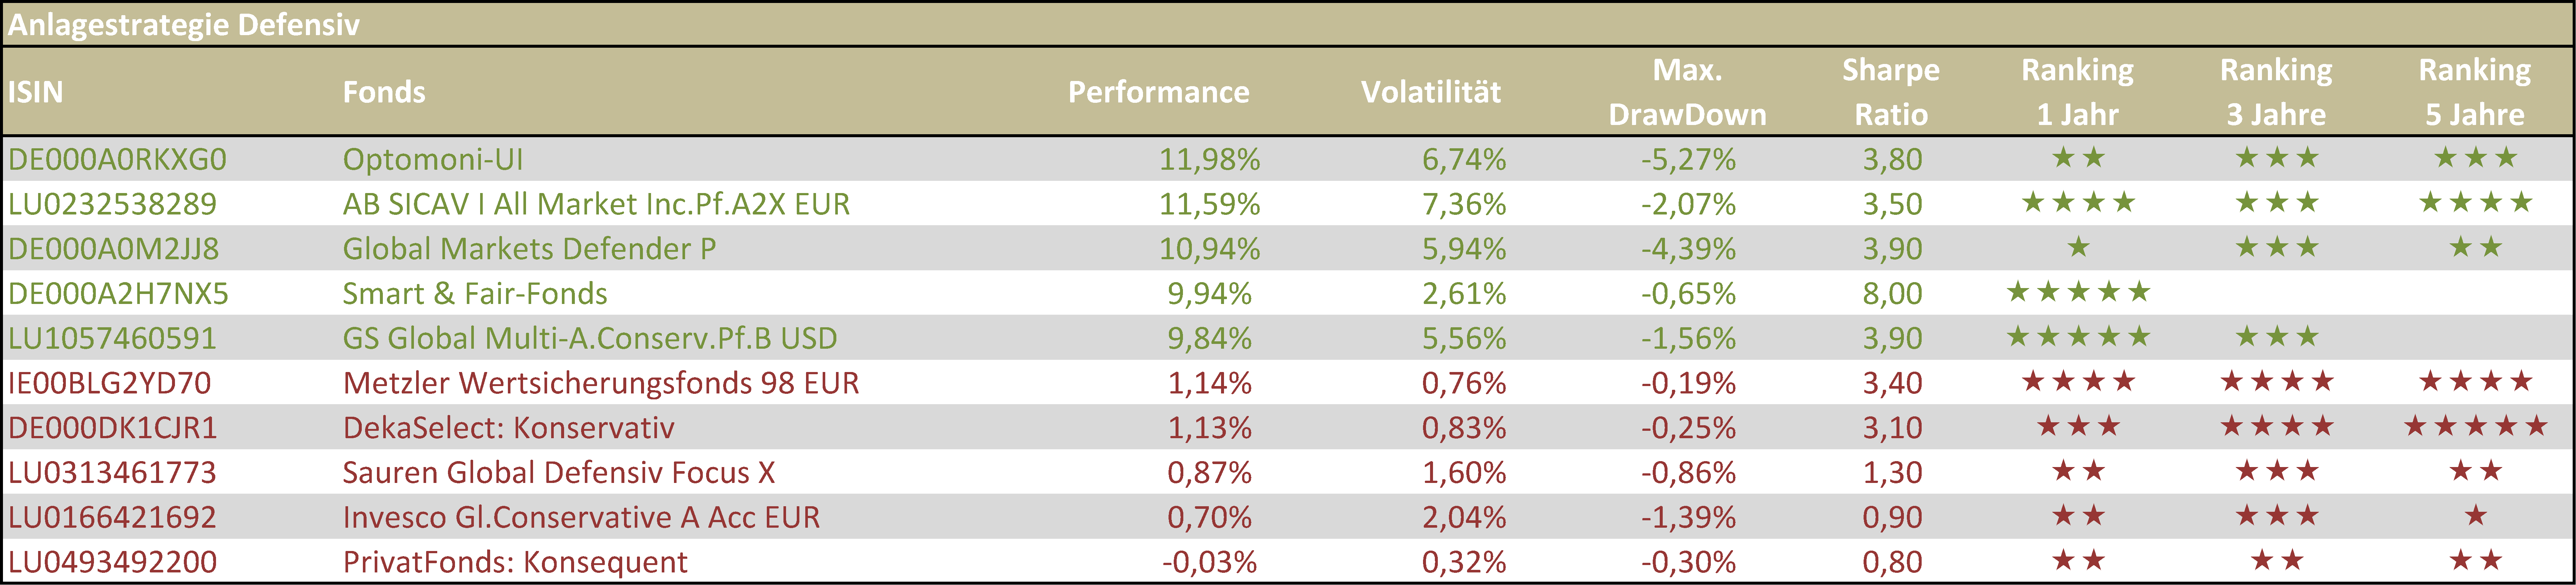 Tabelle 1 - Beste und schlechteste defensive VV-Fonds HJ 1 2019